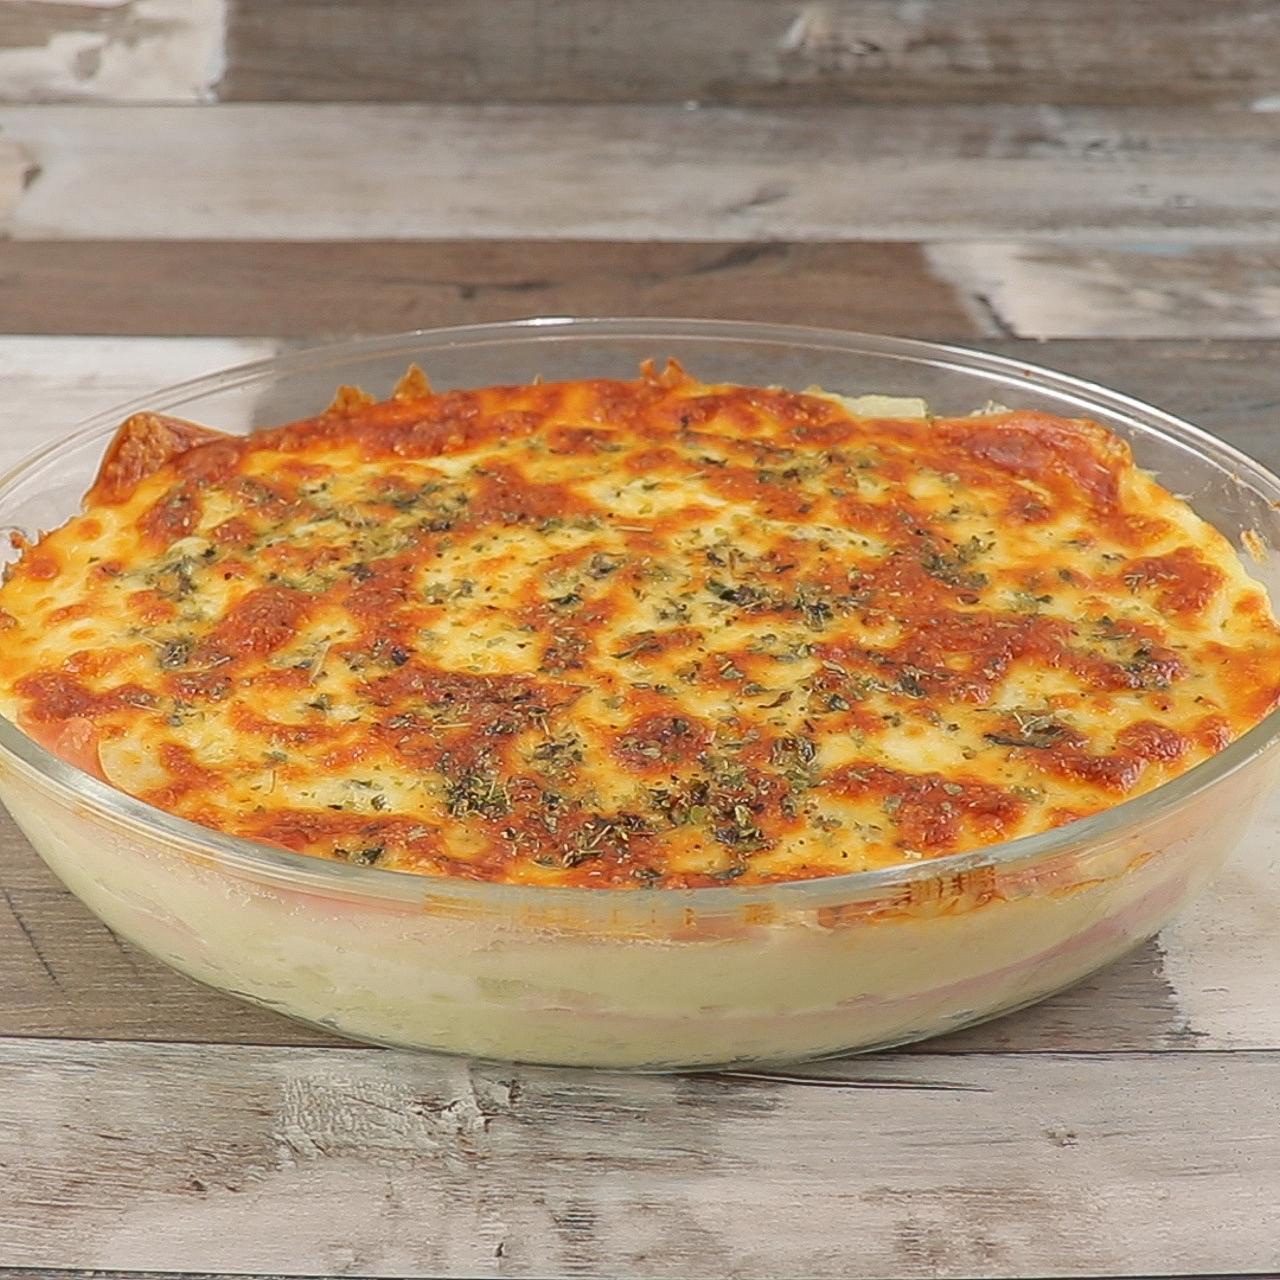 Purê de Batata ao Forno com Presunto e Queijo, Incrivelmente Deliciosa